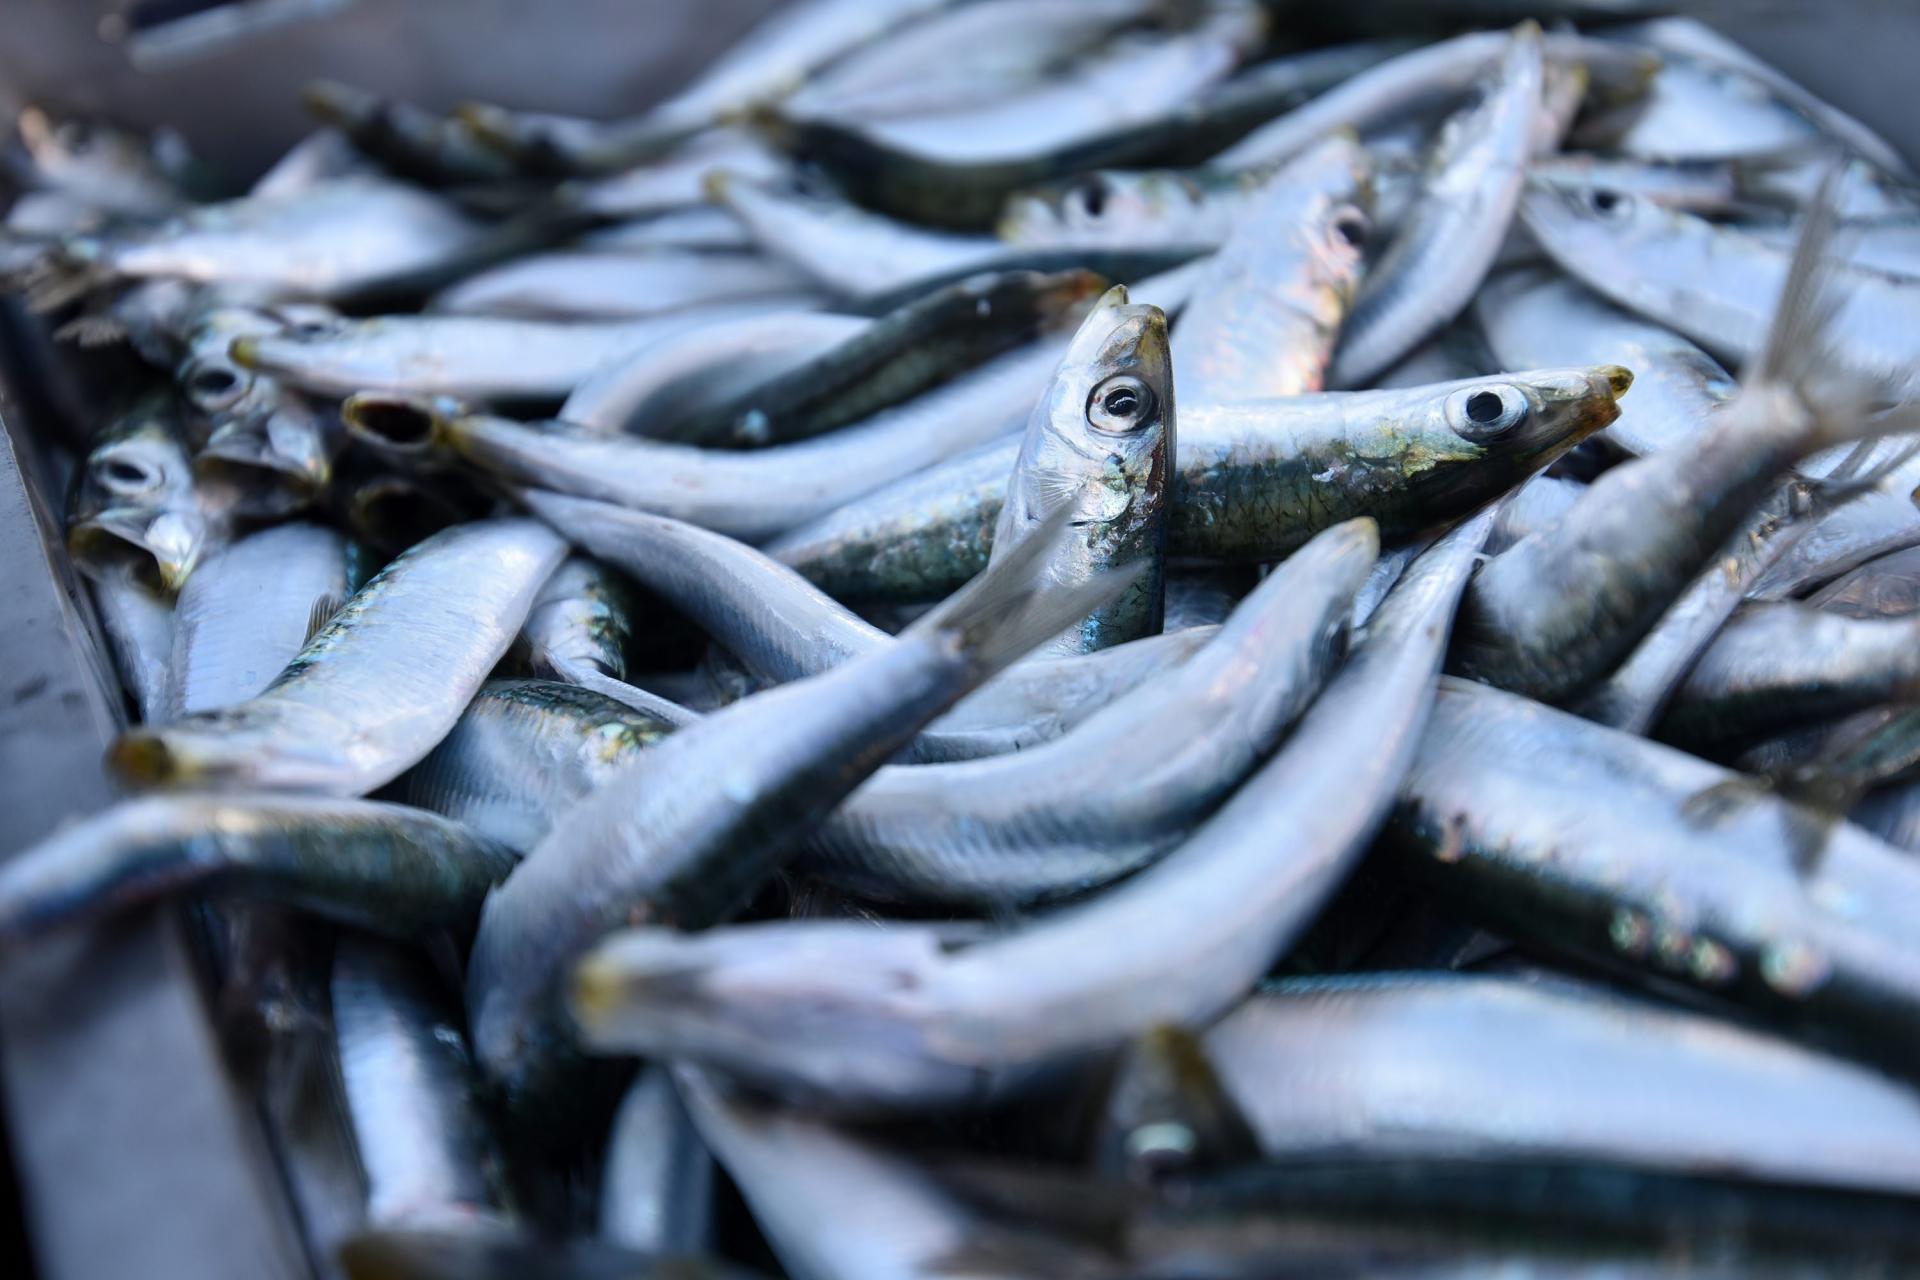 Zadar, 17/02/20 Završio je zimski lovostaj na plavu ribu, a ribari su jutros u ribarskoj luci u Gazenici iskrcavali svjezu srdelu koju su sinoc ulovili u prvom ovogodisnjem izlasku na more.